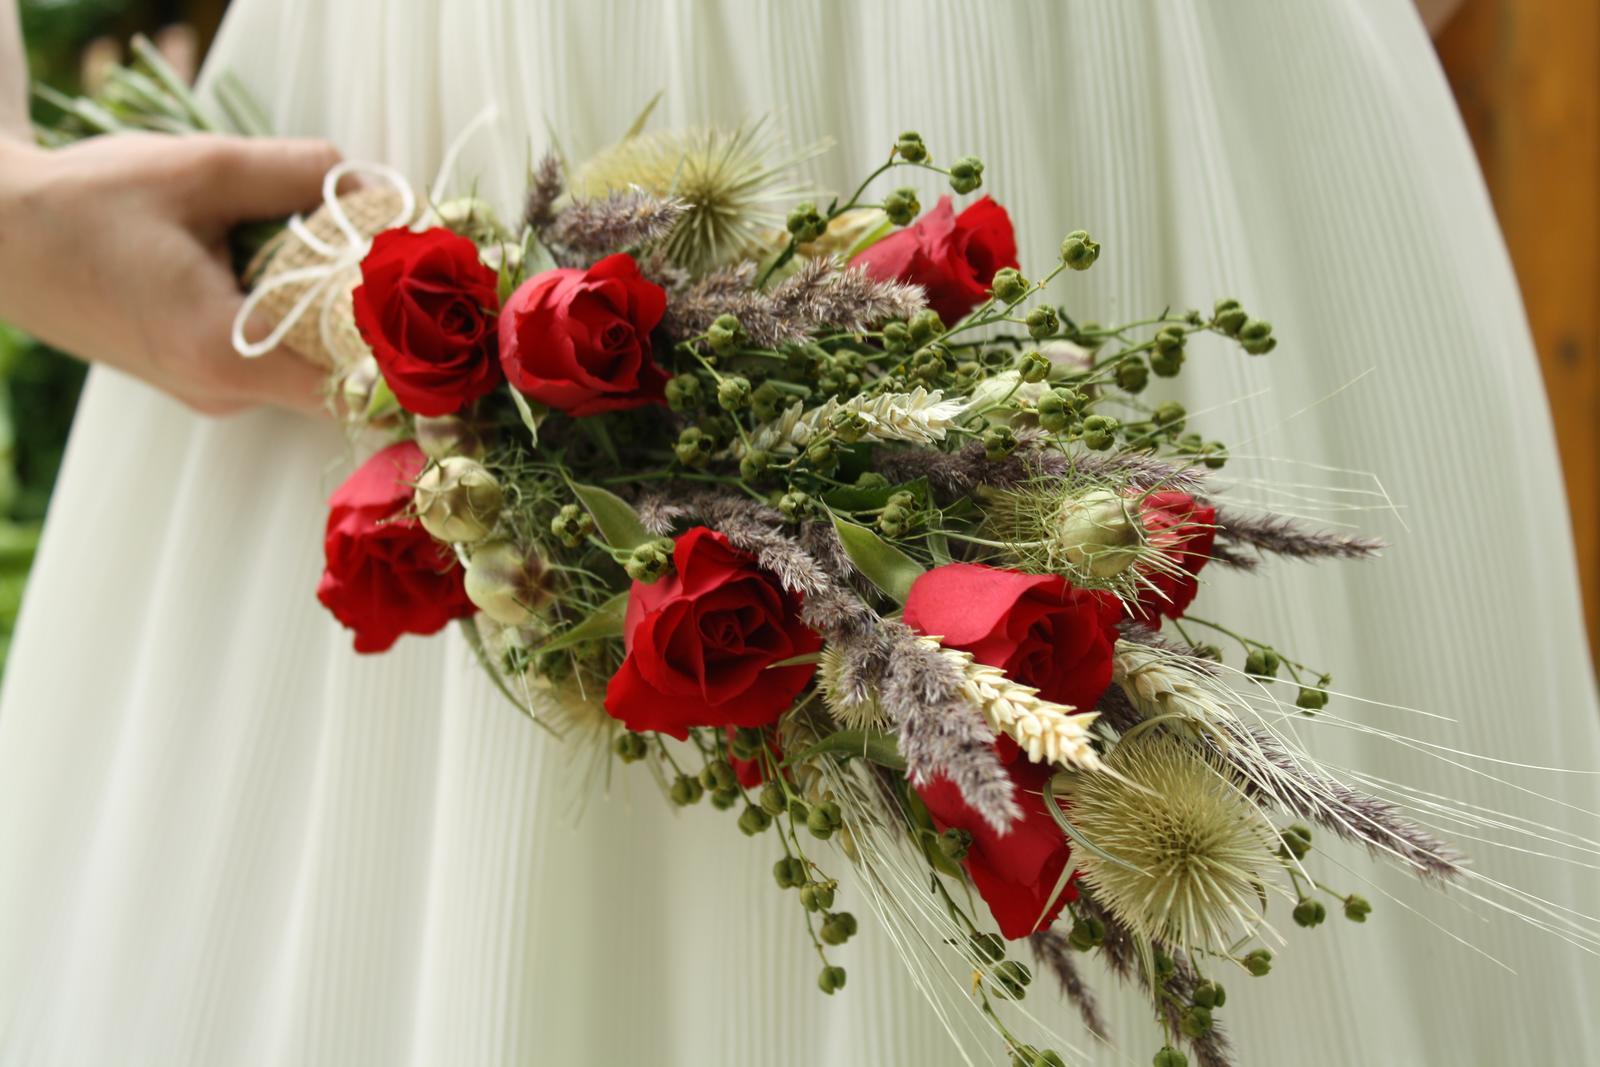 Kvetinové tvorenie - keď príroda dáva :)